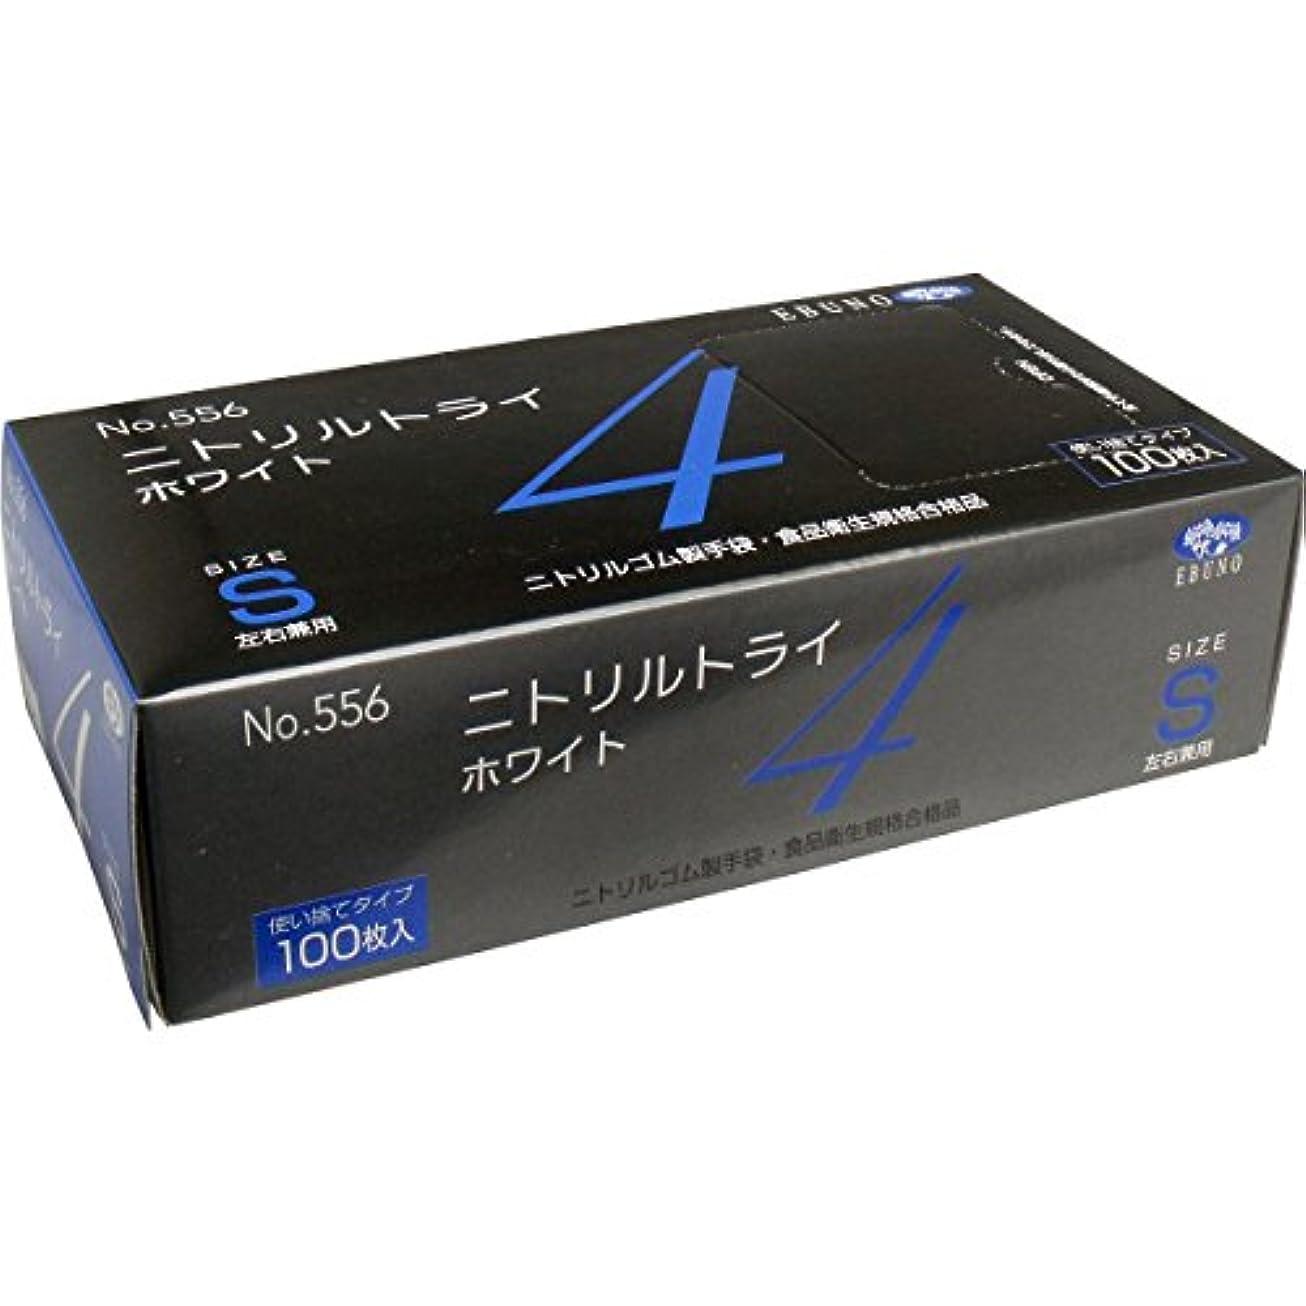 露マガジン容疑者ニトリルトライ4 №556 ホワイト 粉付 Sサイズ 100枚入